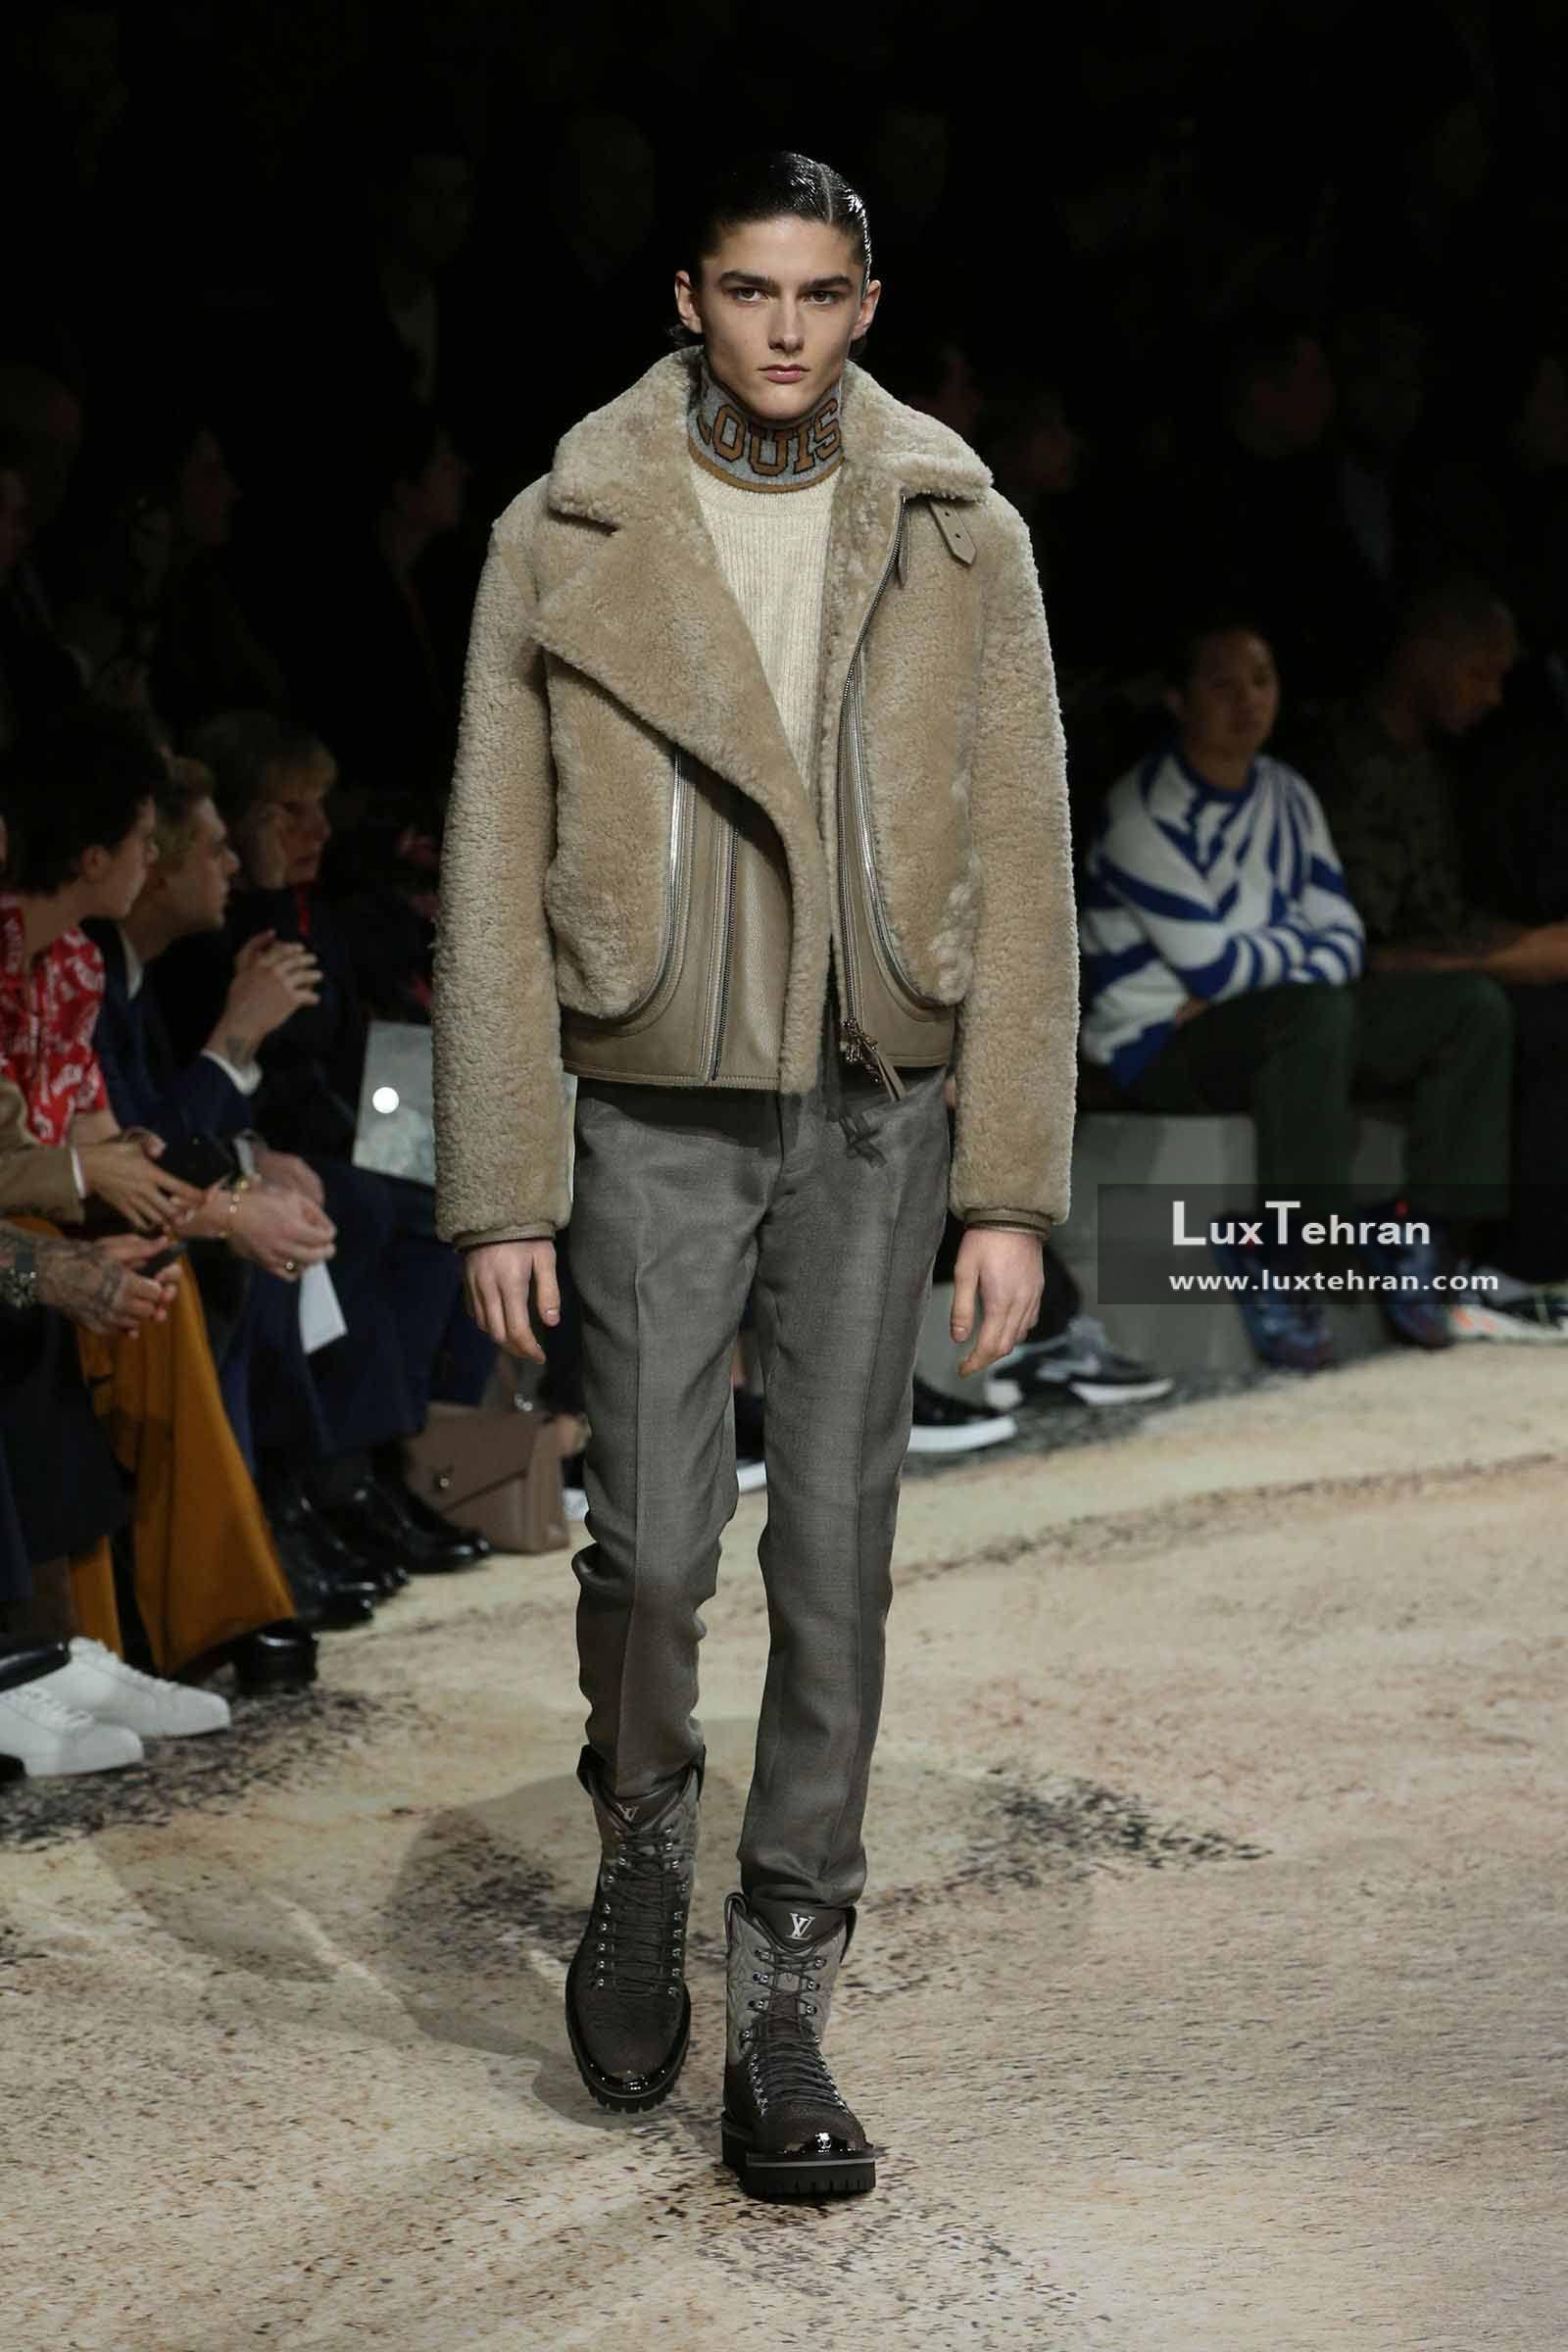 کاپشن چرمی کوتاه خوش طرح و استایل لباس مردانه لویی ویتون